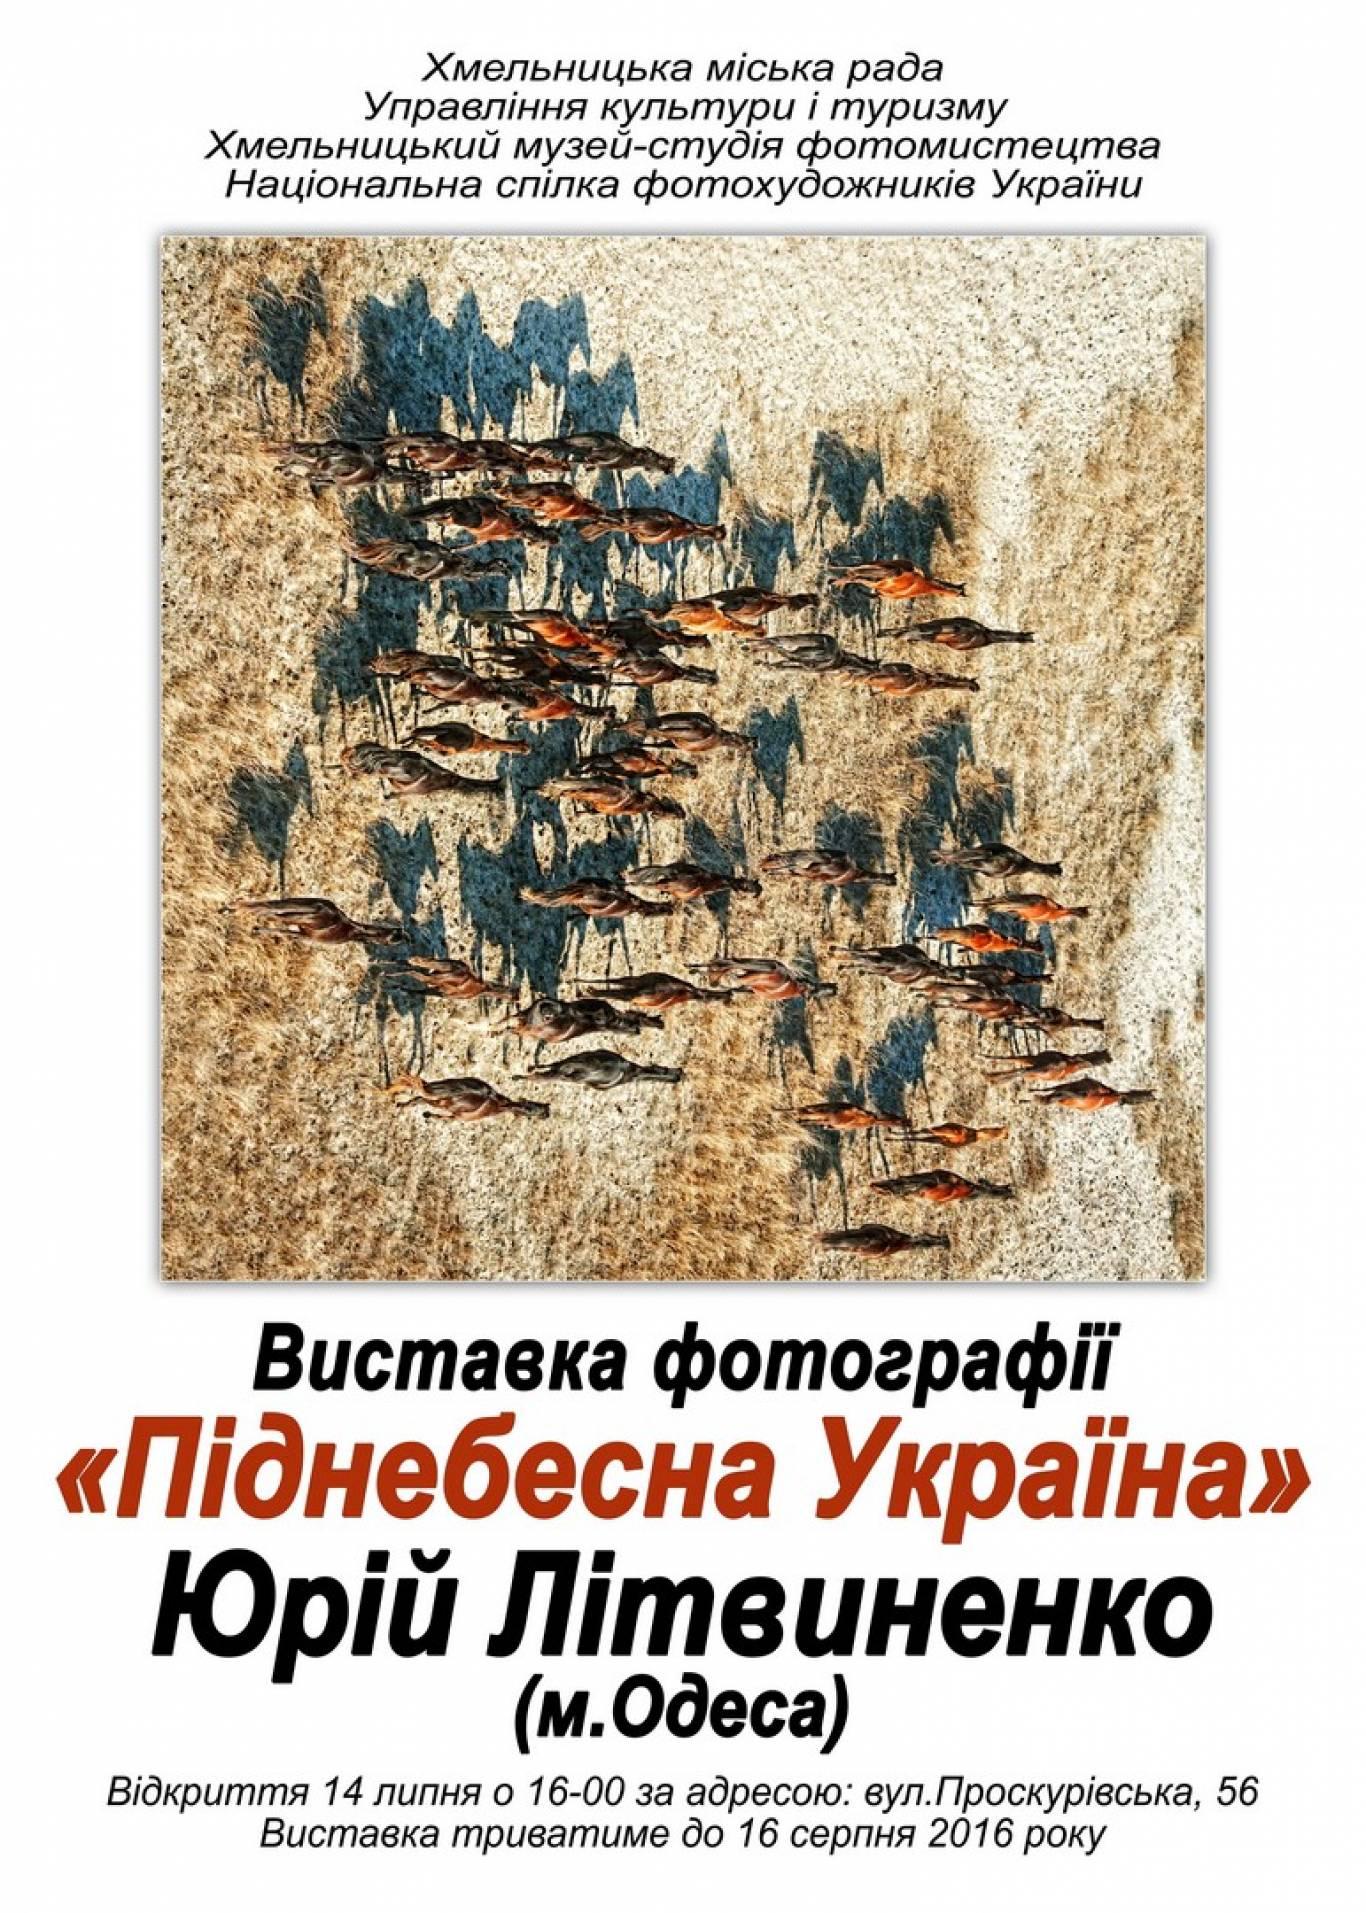 Фотовиставка Піднебесна Україна